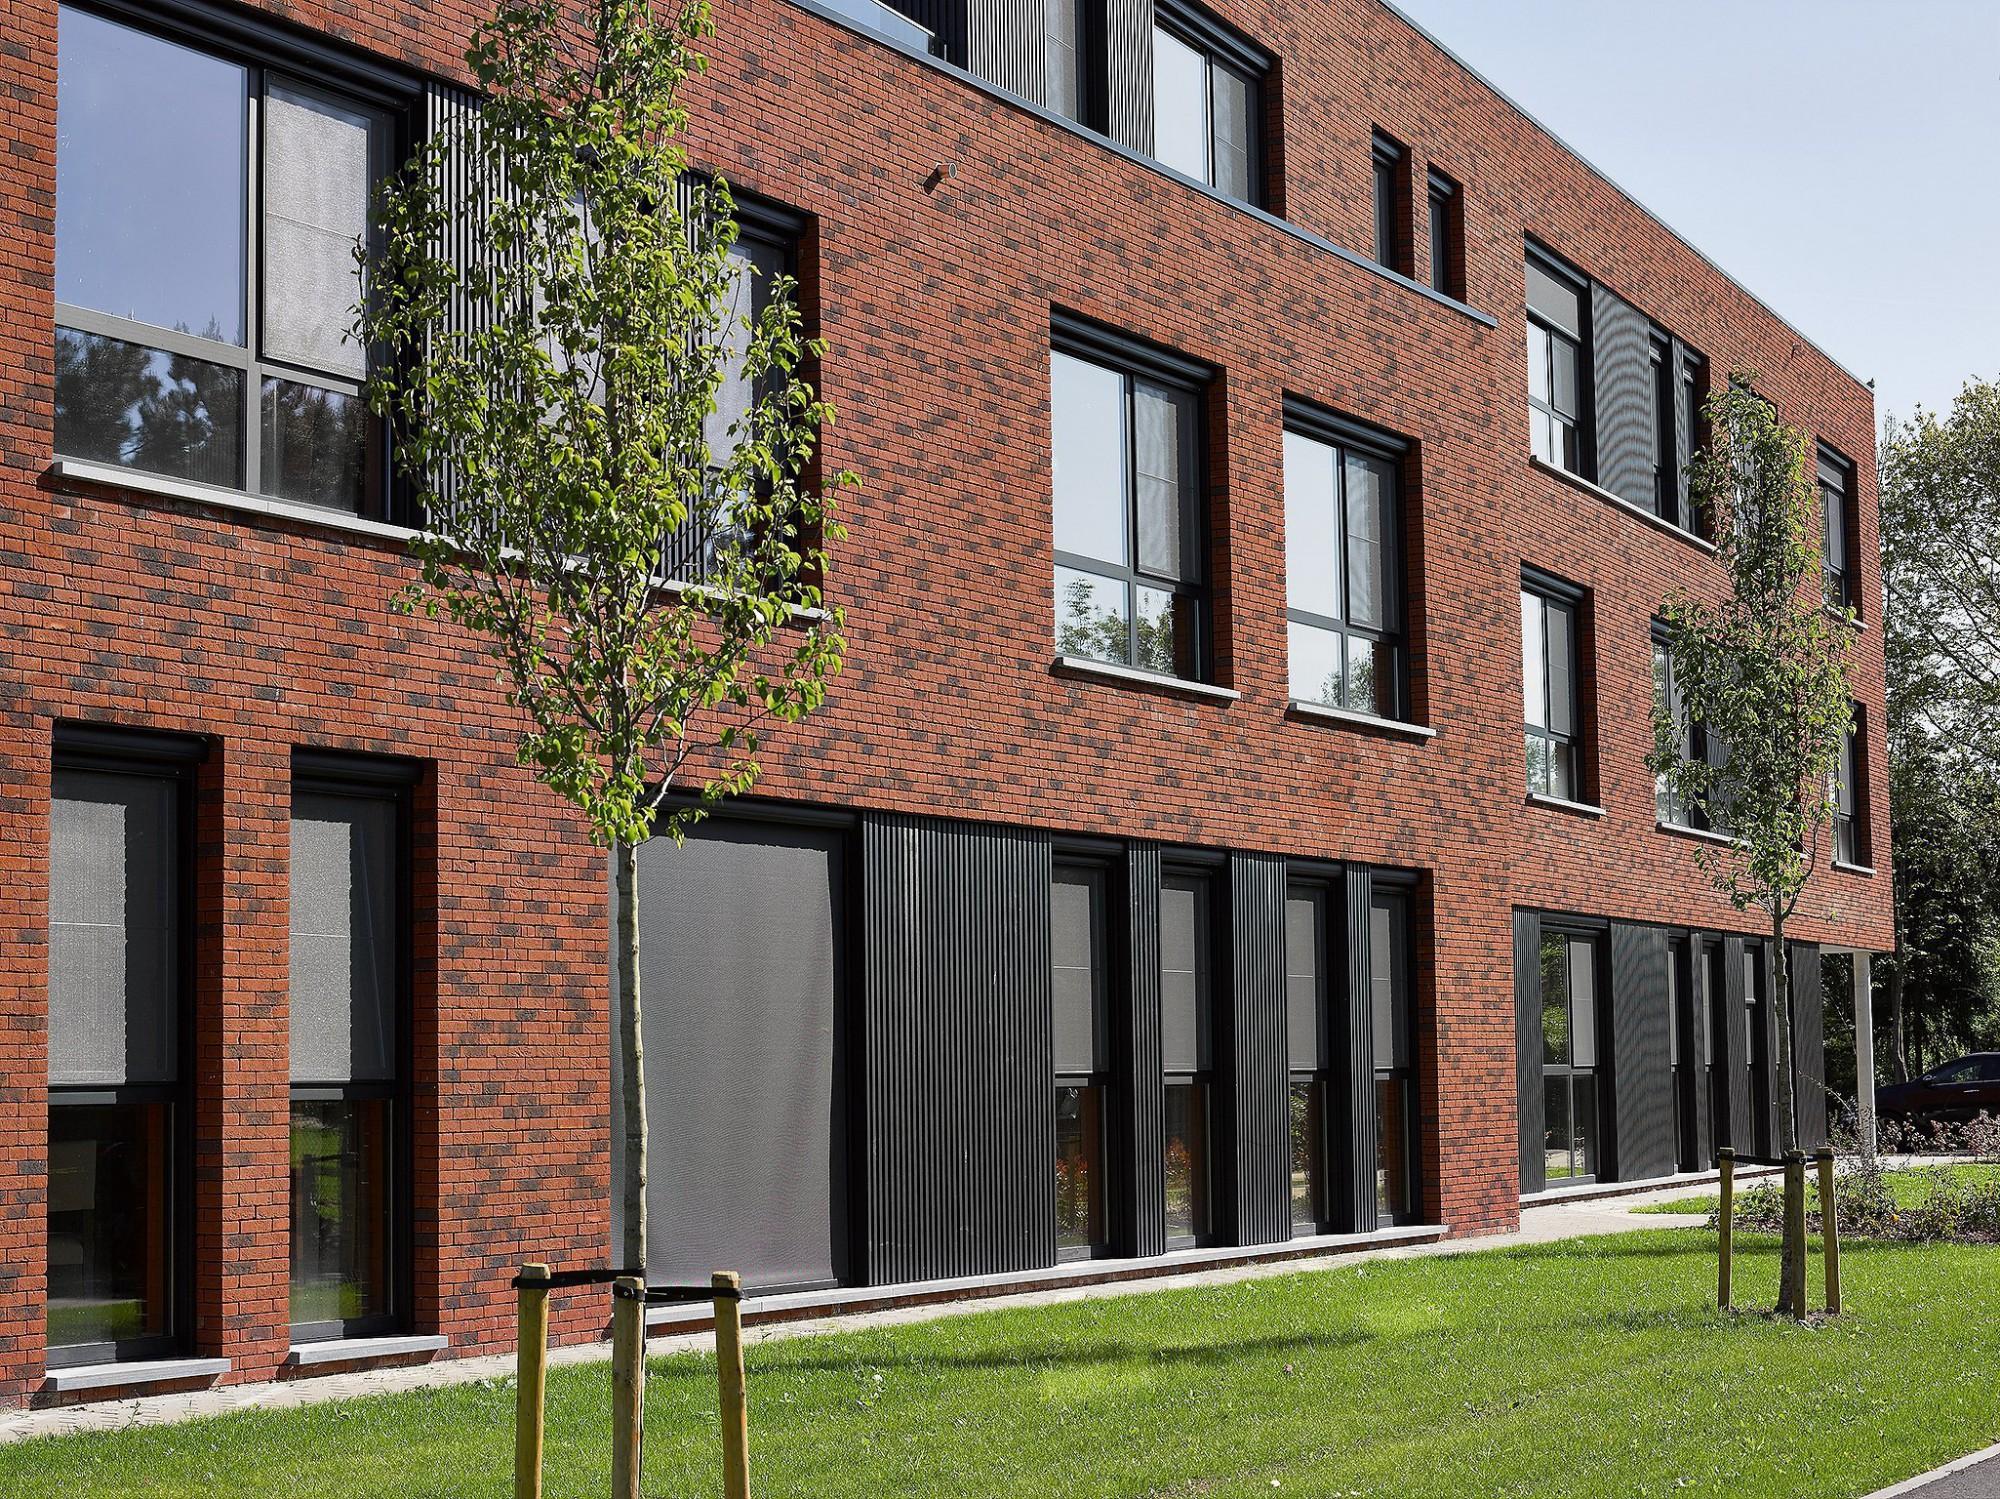 Afbeelding: Fotografie architectuur woonzorgcentrum Perwijshof Westerlo,© EON architecten, voor groep Van Roey.